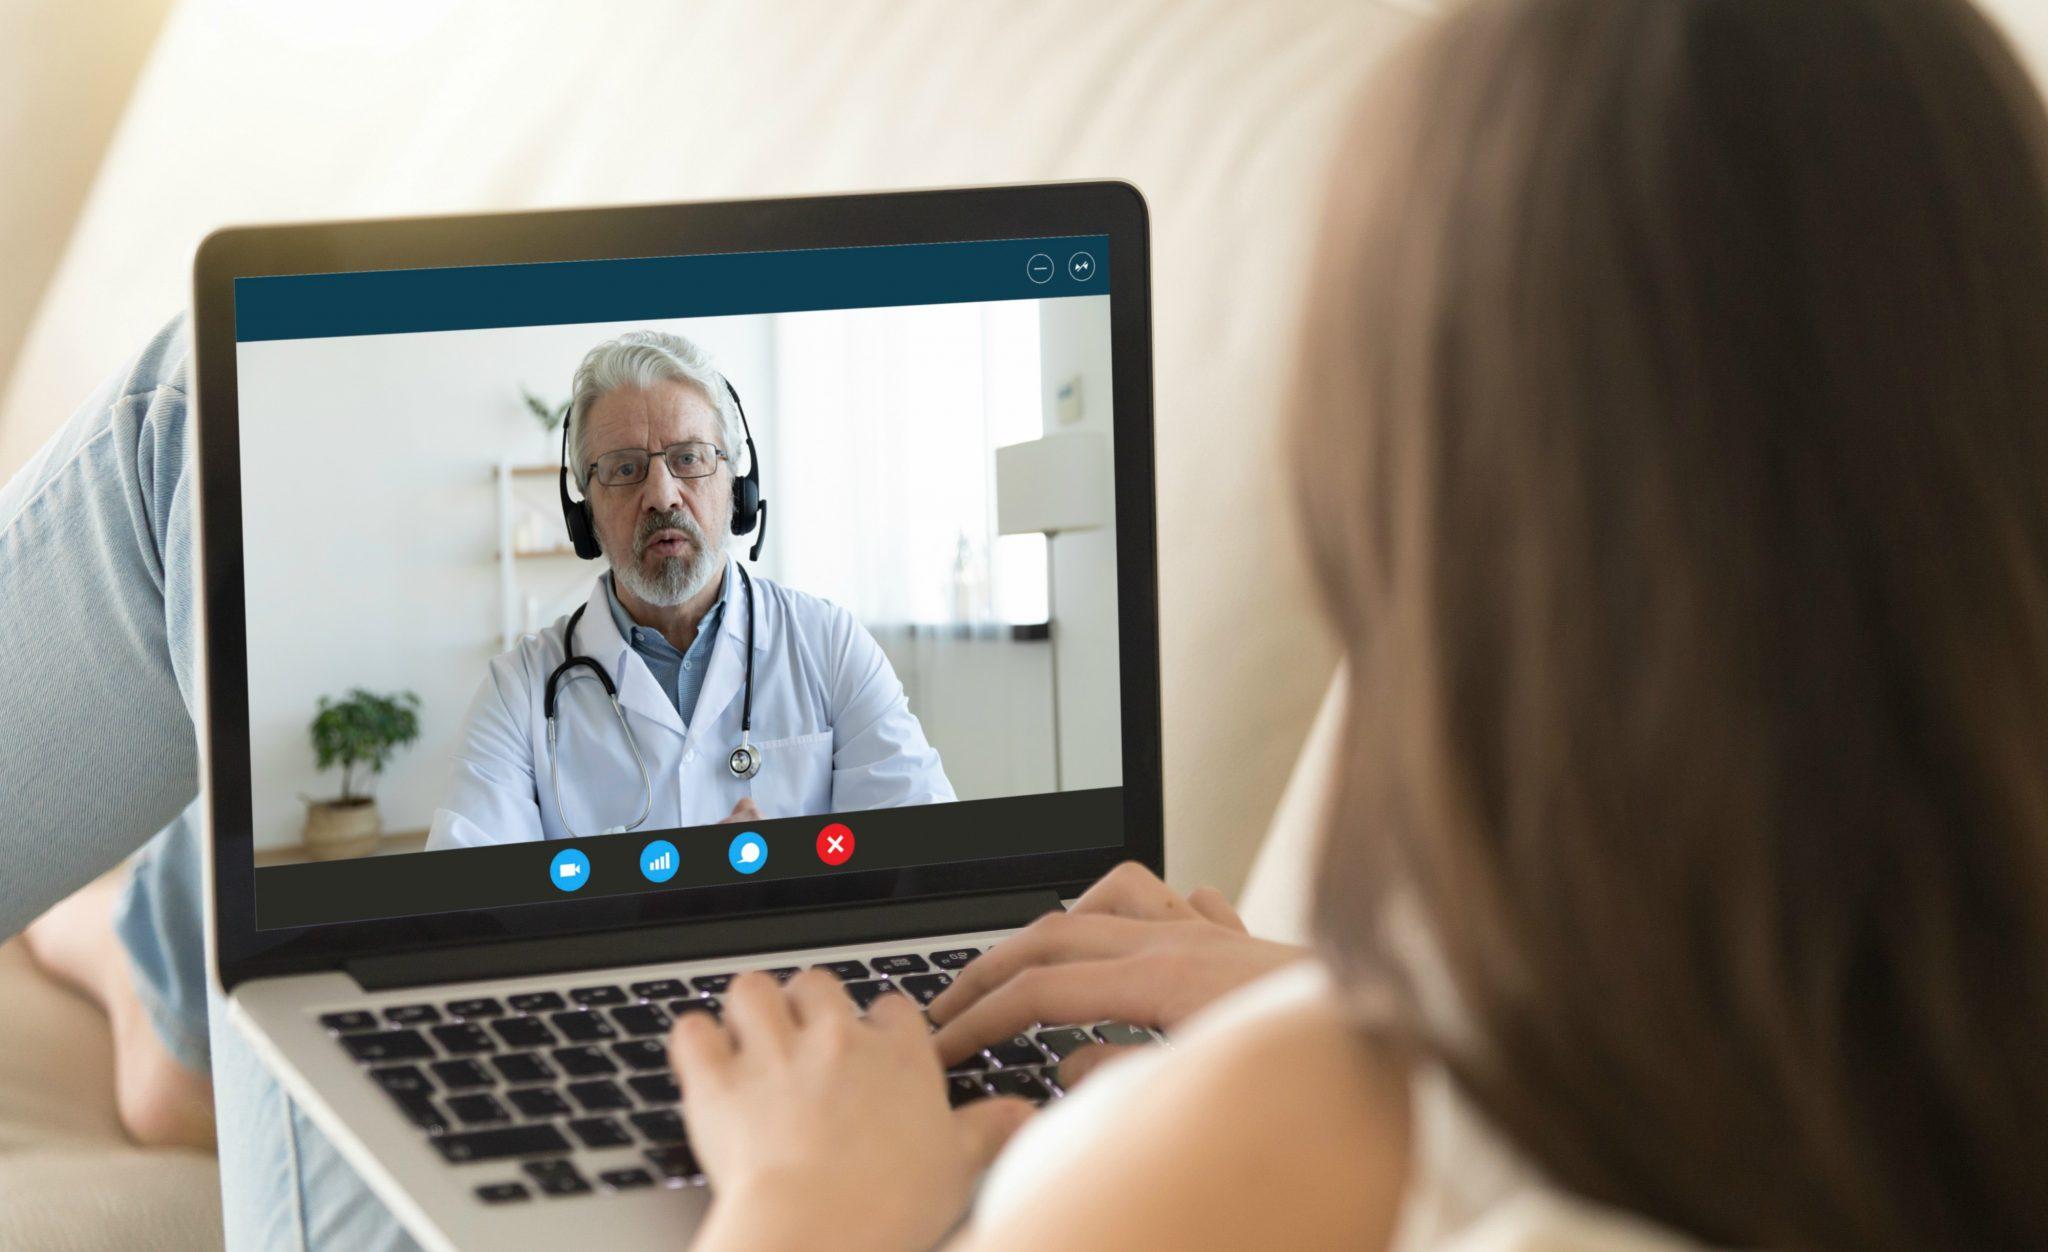 Jornada do paciente no digital